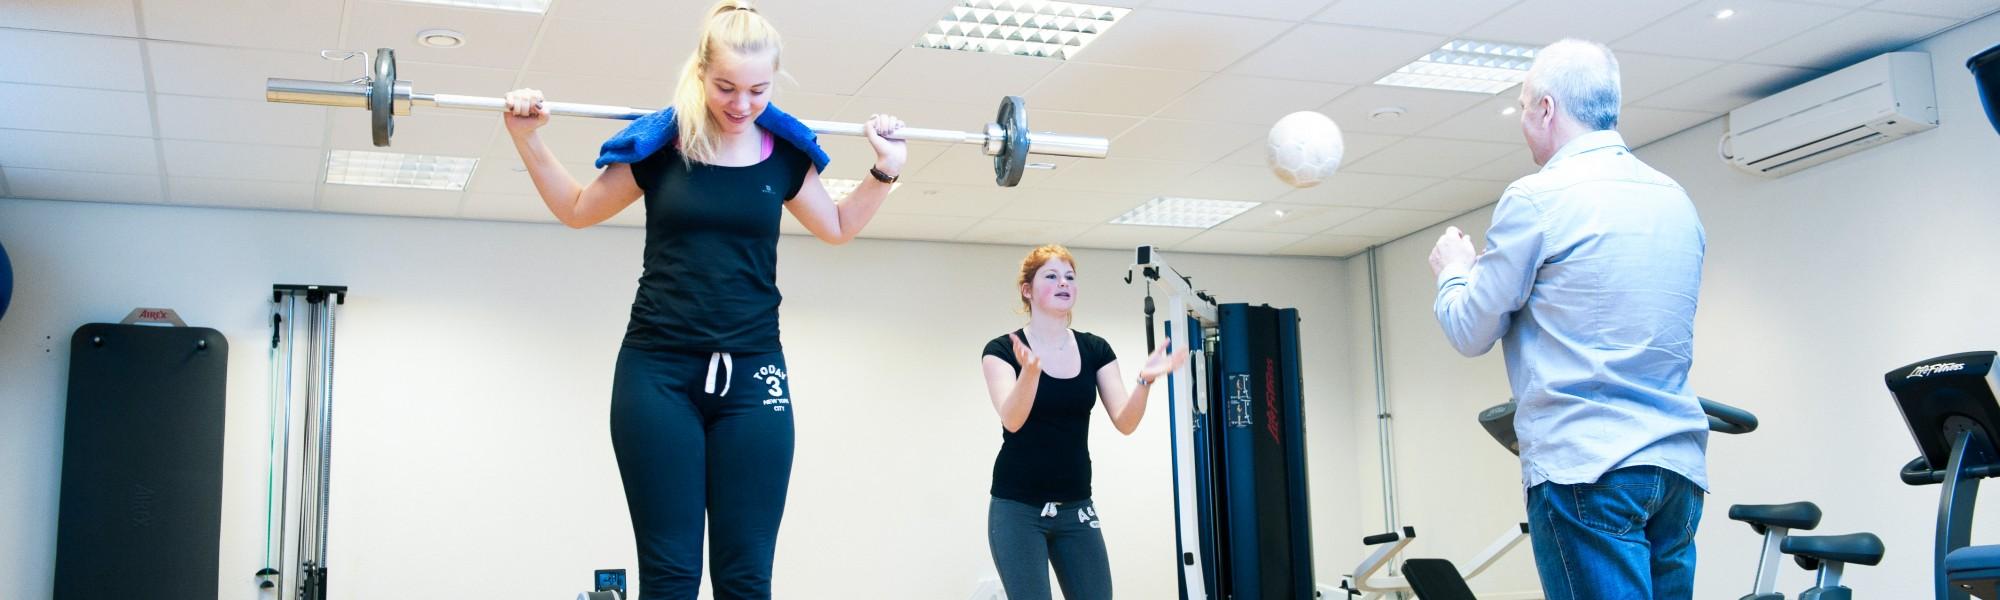 Fysiotherapie Driebergen Orthopedische Revalidatie